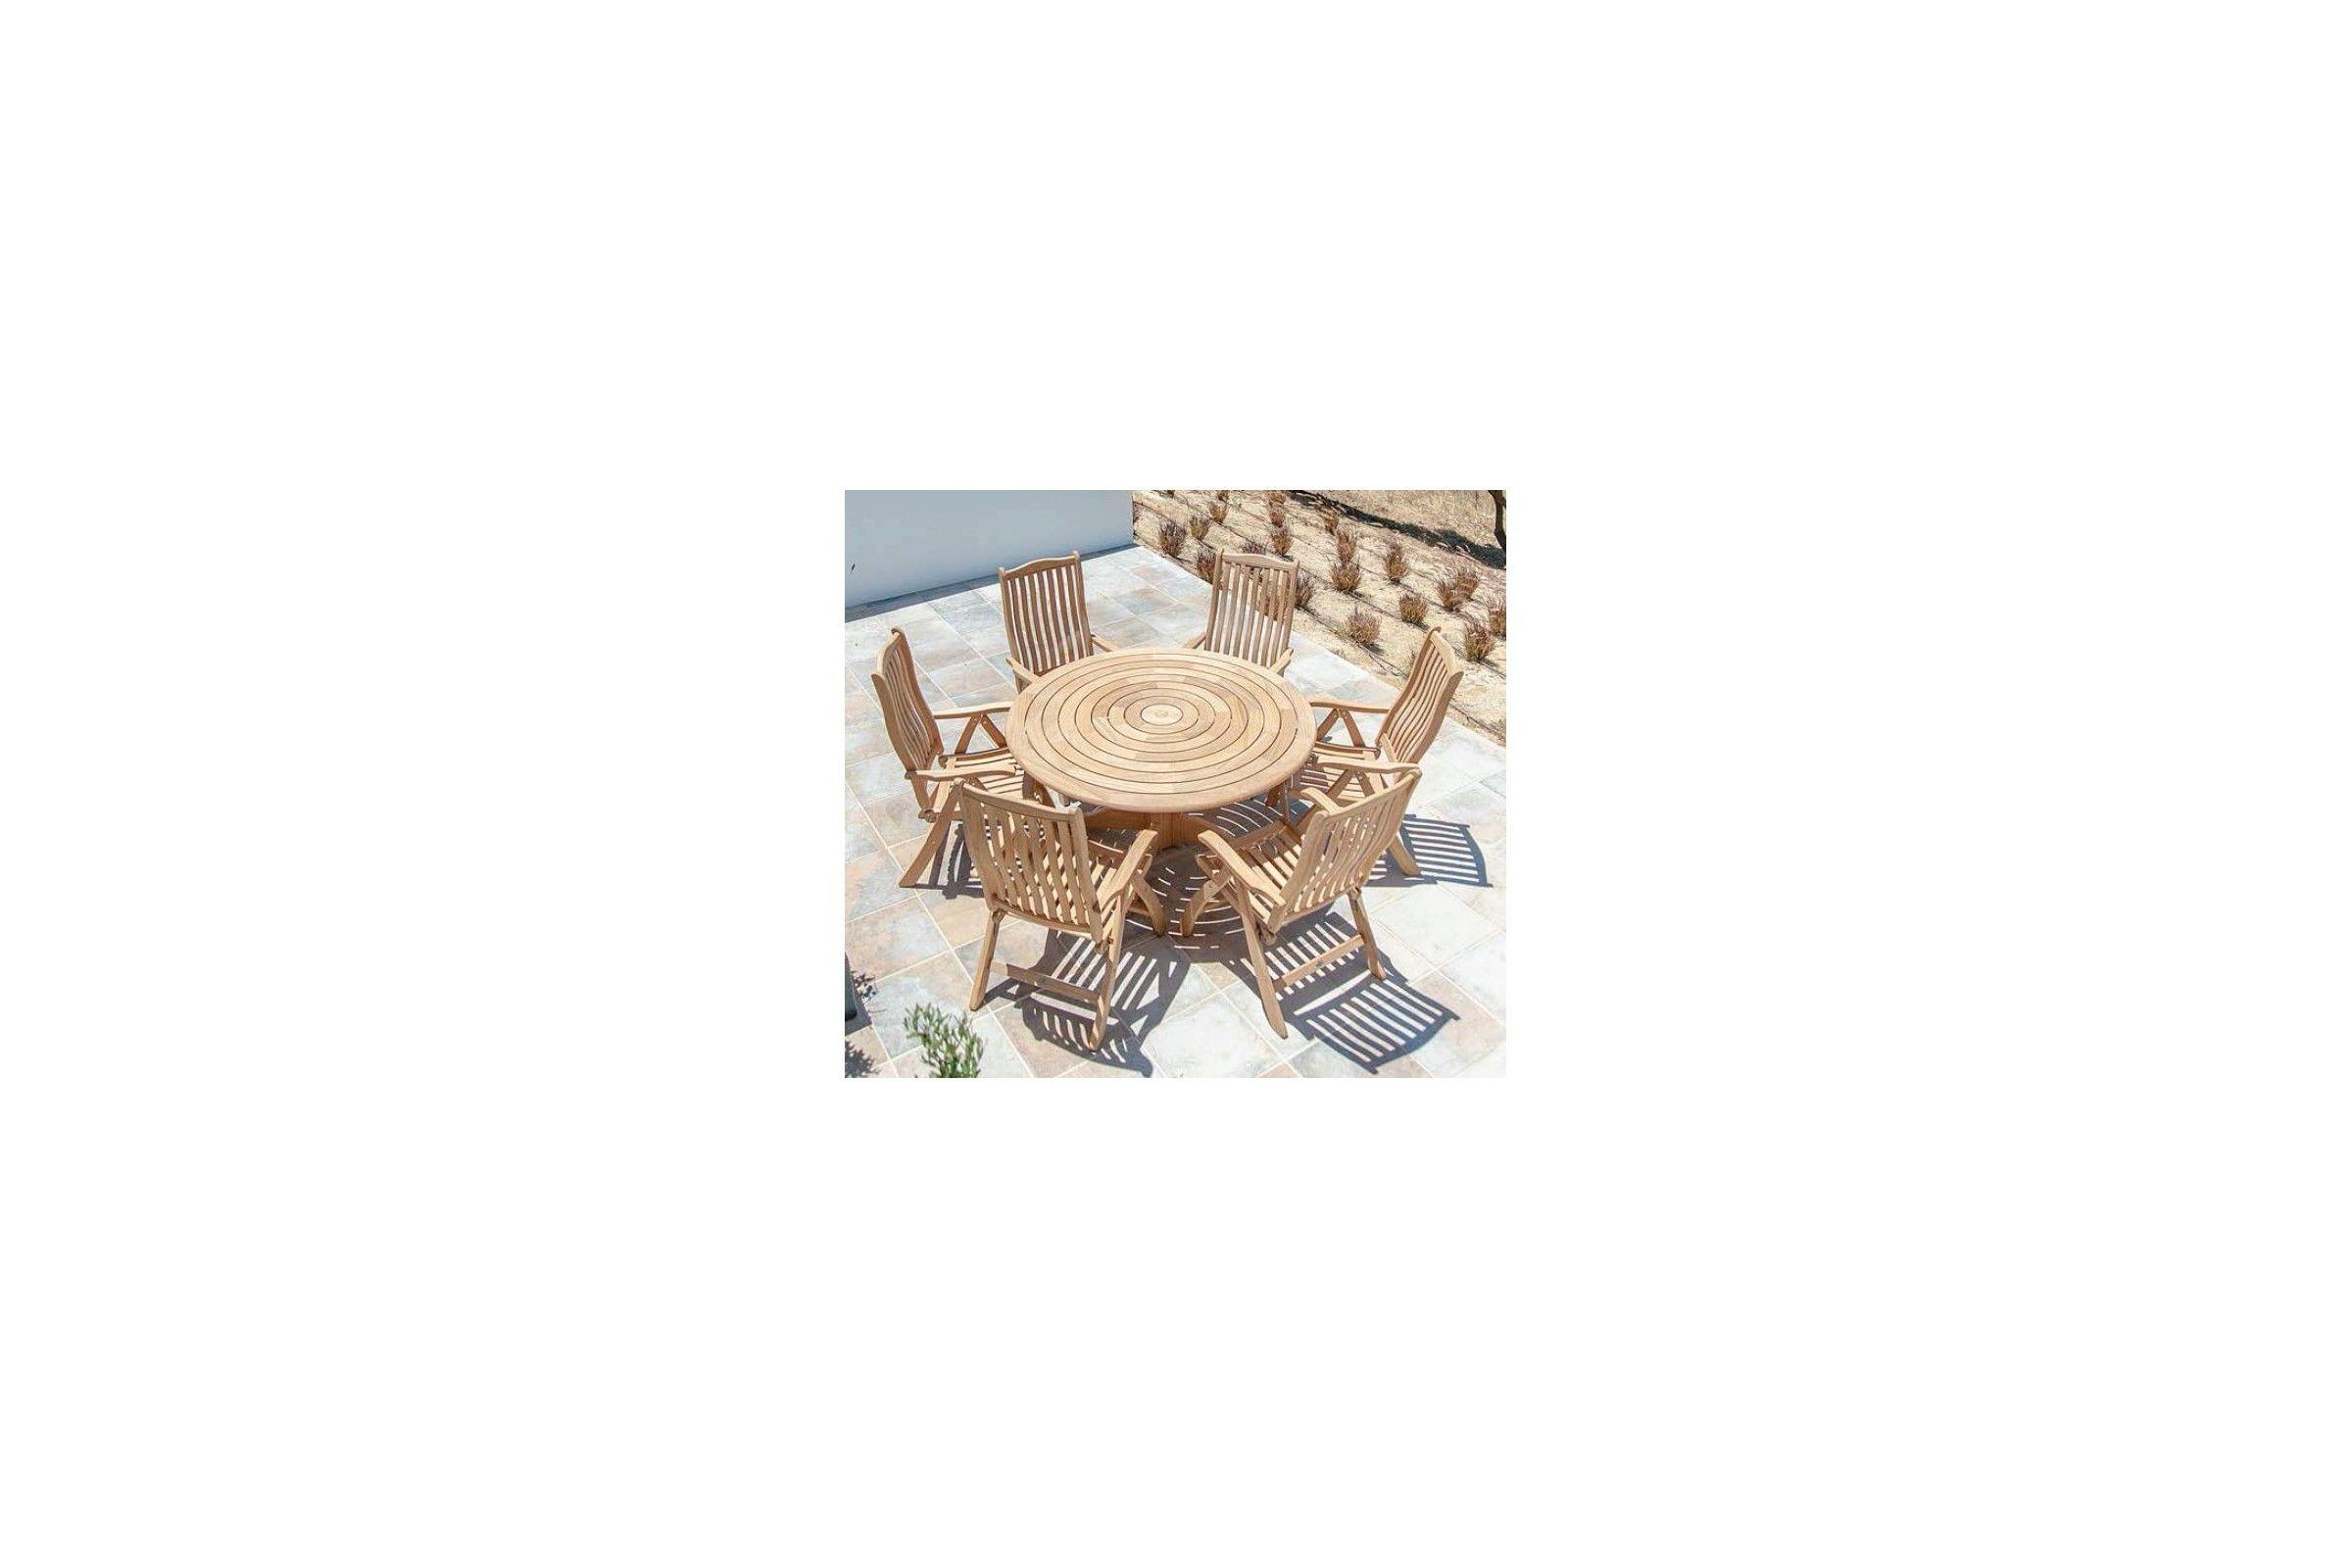 Table de jardin ronde en bois, d 145 cm et 175 cm, haut de gamme